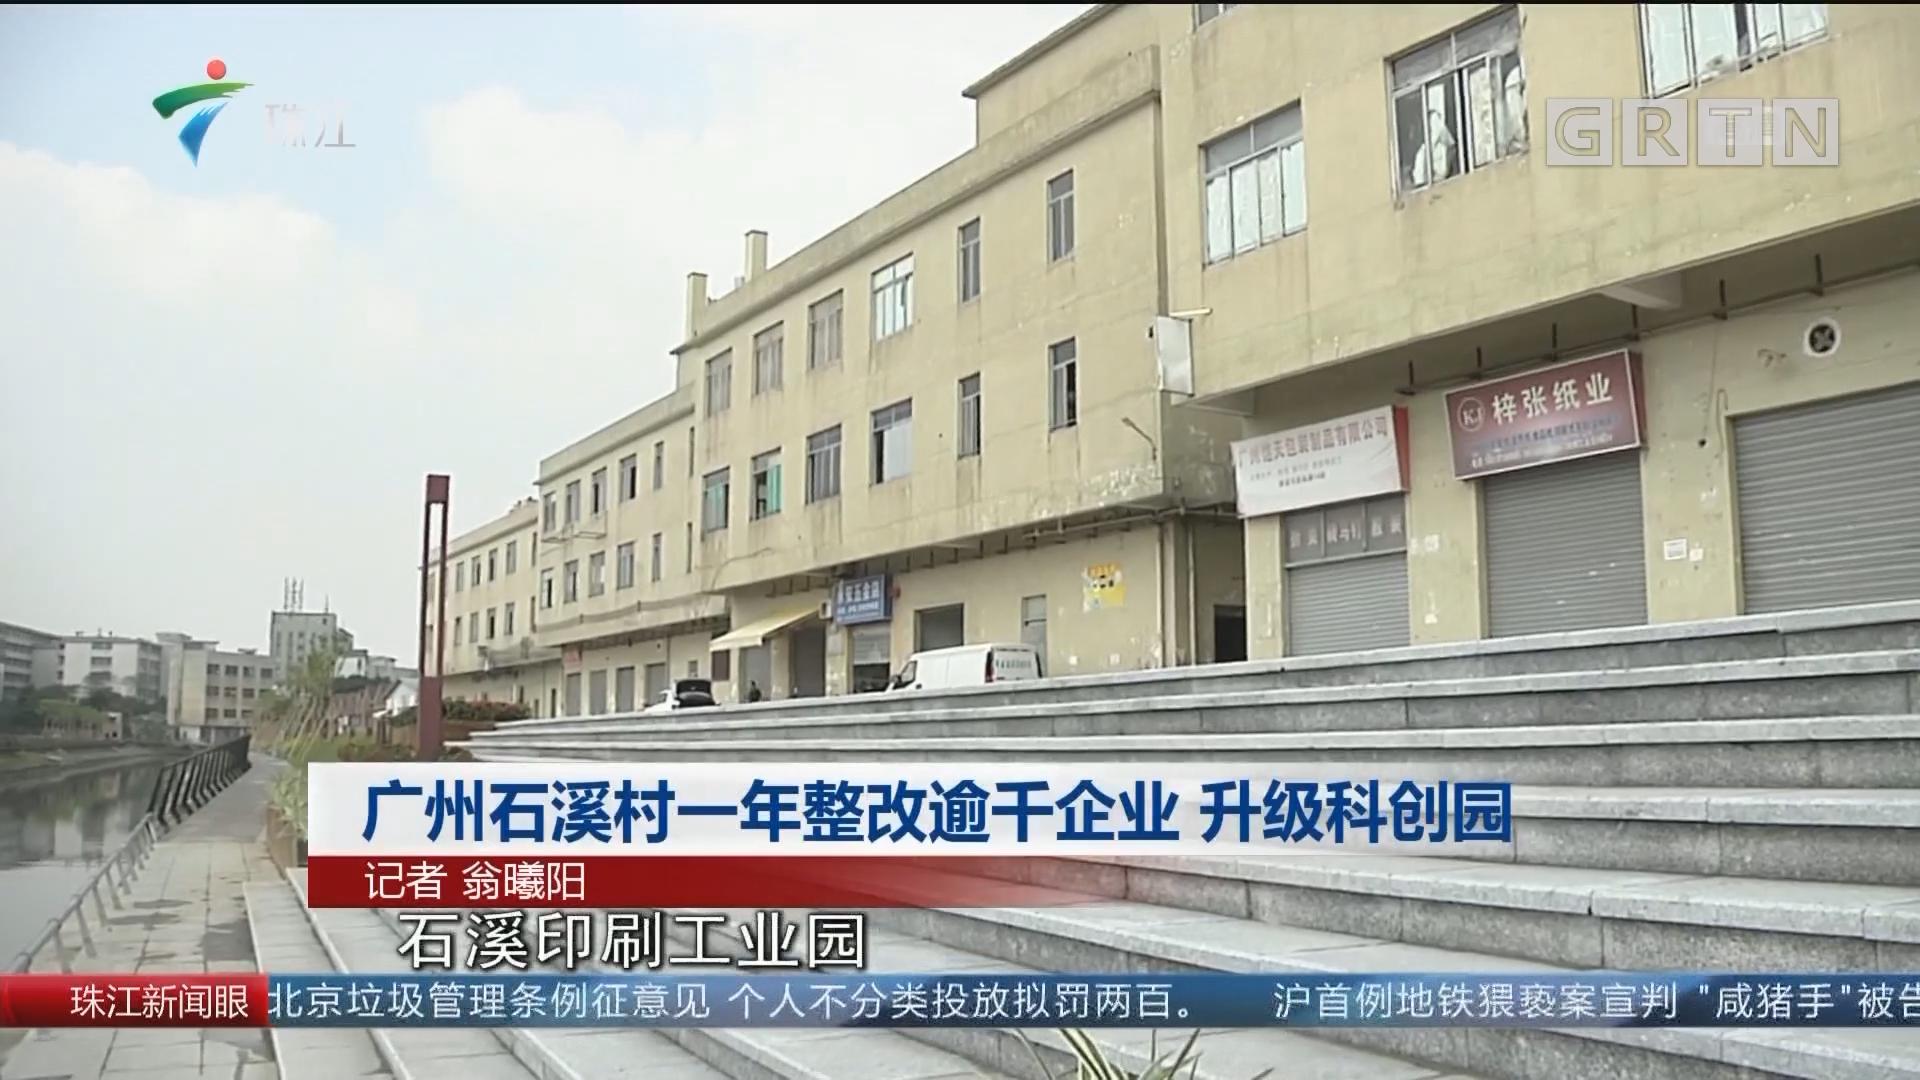 广州石溪村一年整改逾千企业 升级科创园